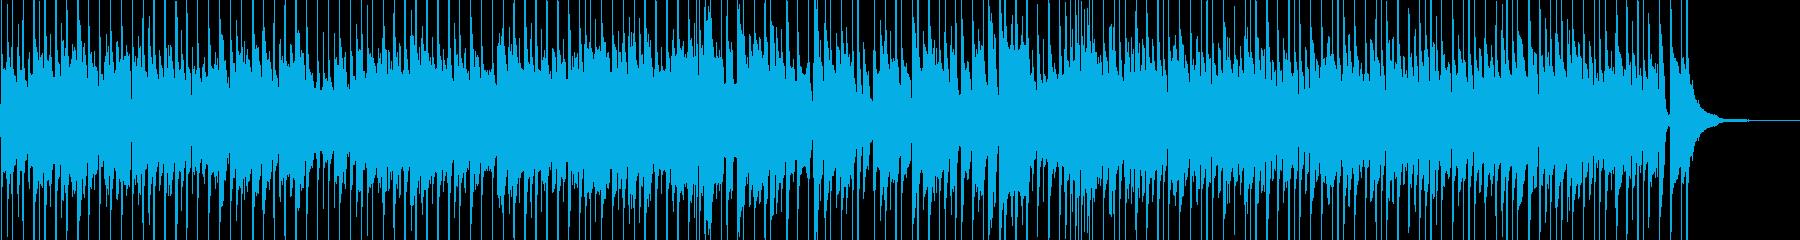 生アコギ!爽やかで前向きポップなBGMの再生済みの波形